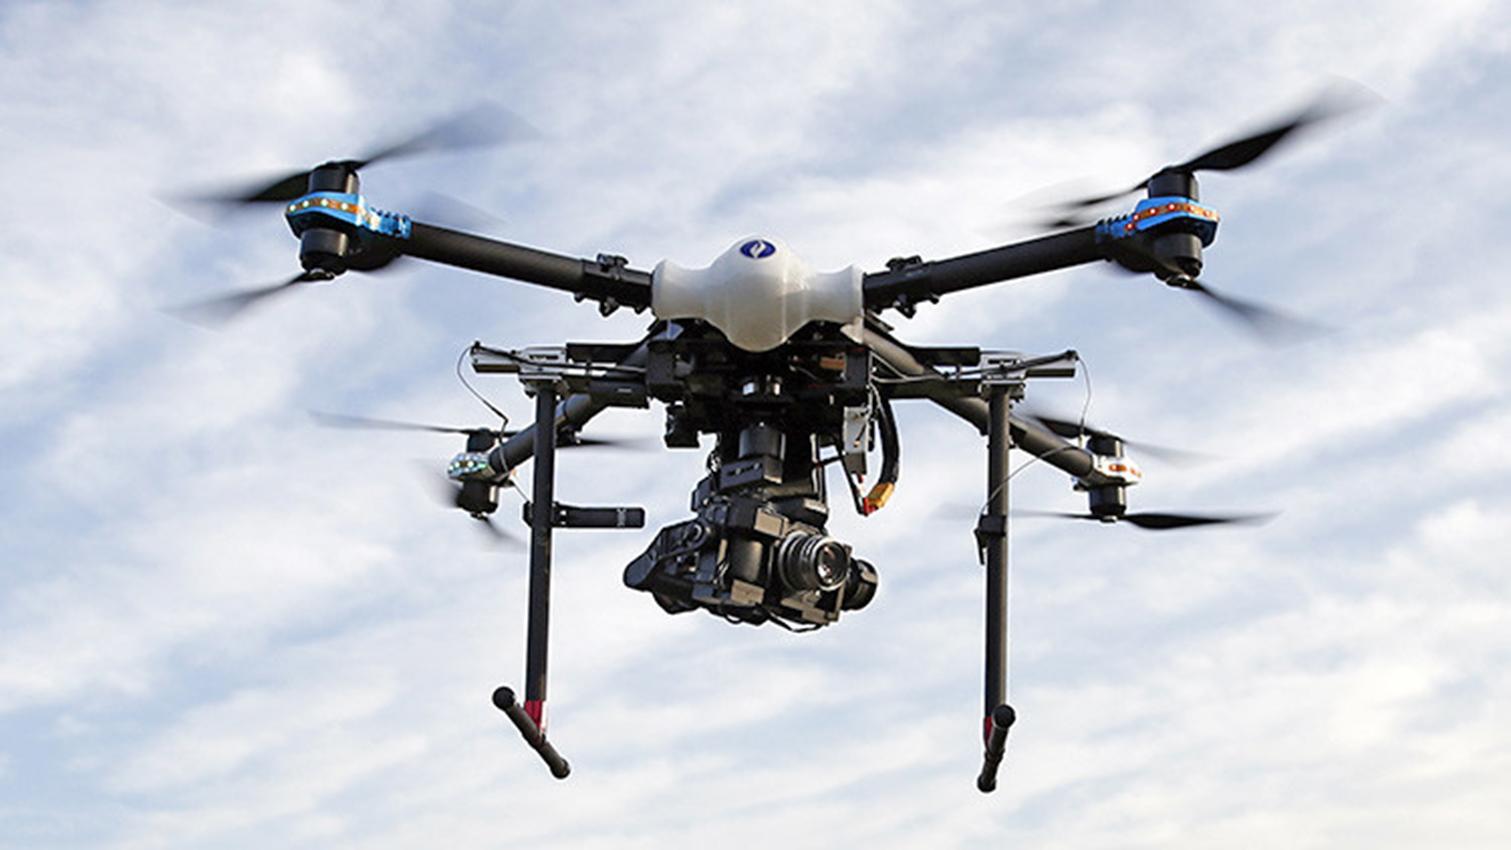 EEUU advierte que los drones chinos pueden ser usados para espiar. Foto con fines ilustrativos